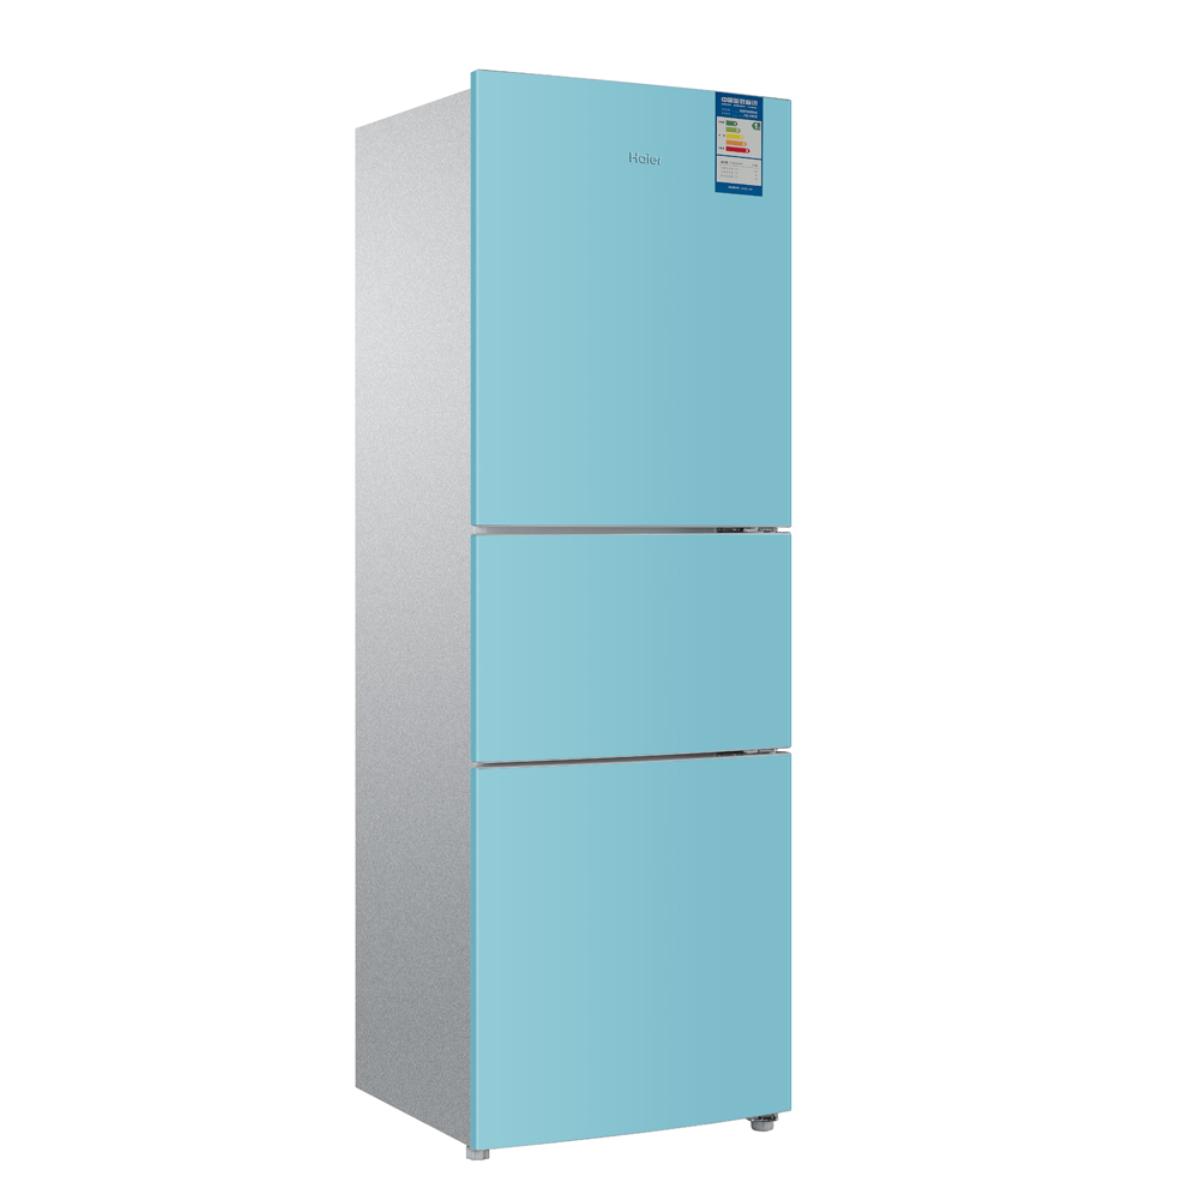 风直冷混合冰箱怎样 风直冷混合冰箱推荐